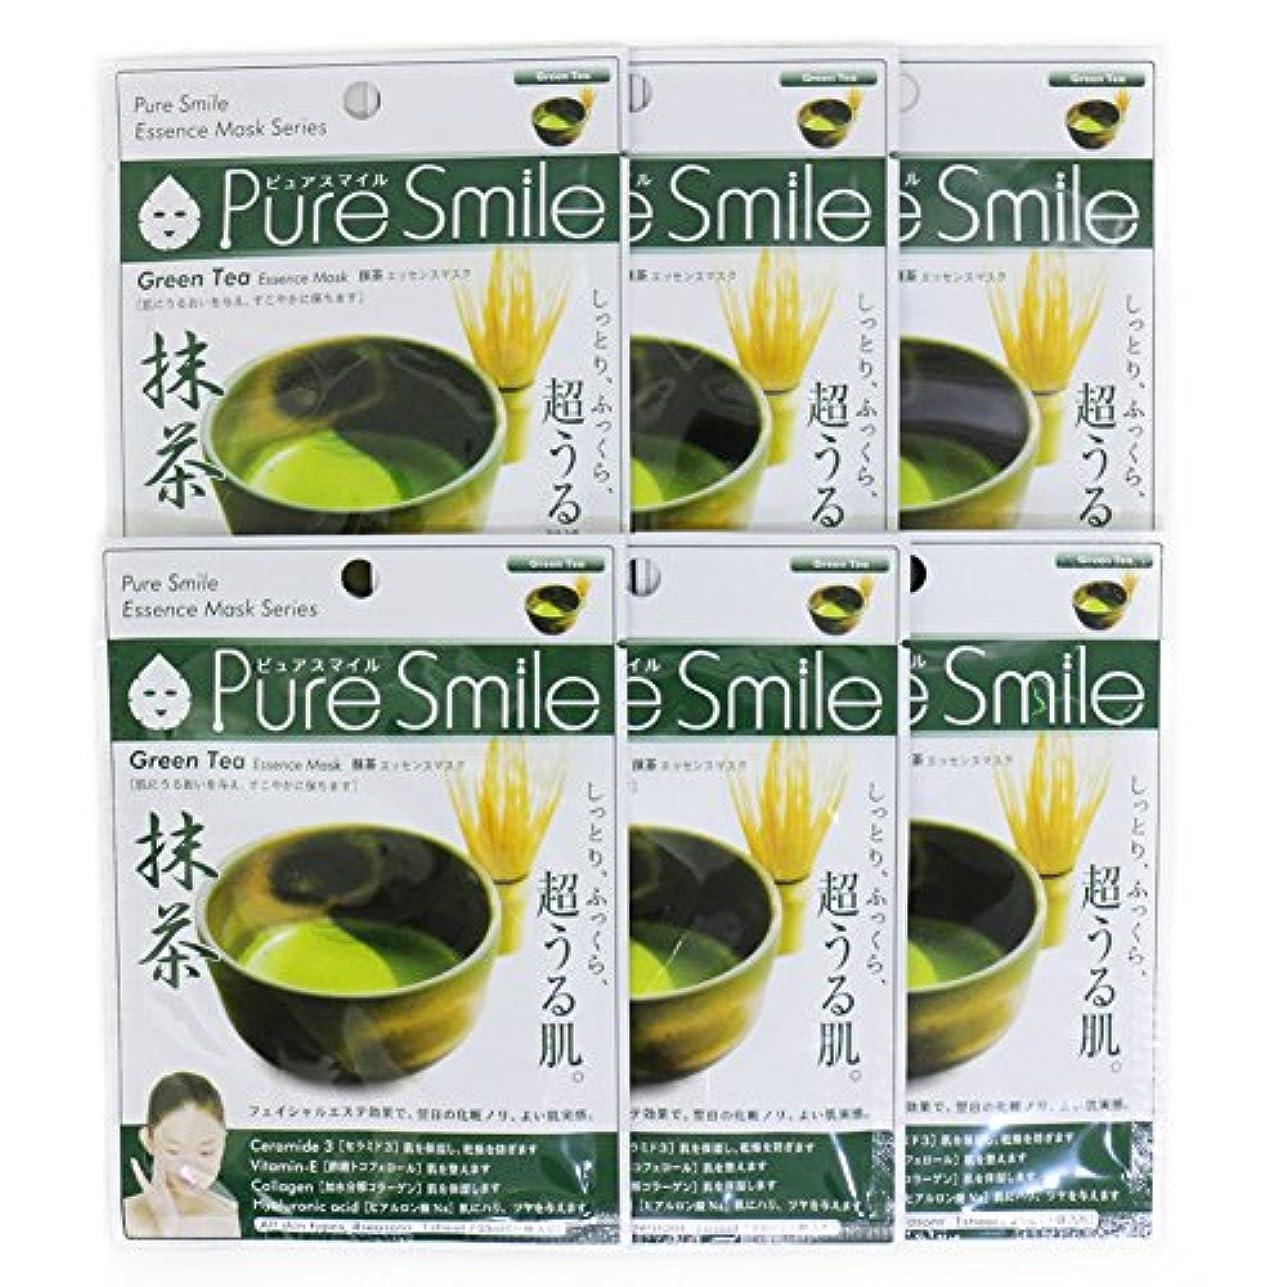 対角線雑種植物学者Pure Smile ピュアスマイル エッセンスマスク 抹茶 6枚セット